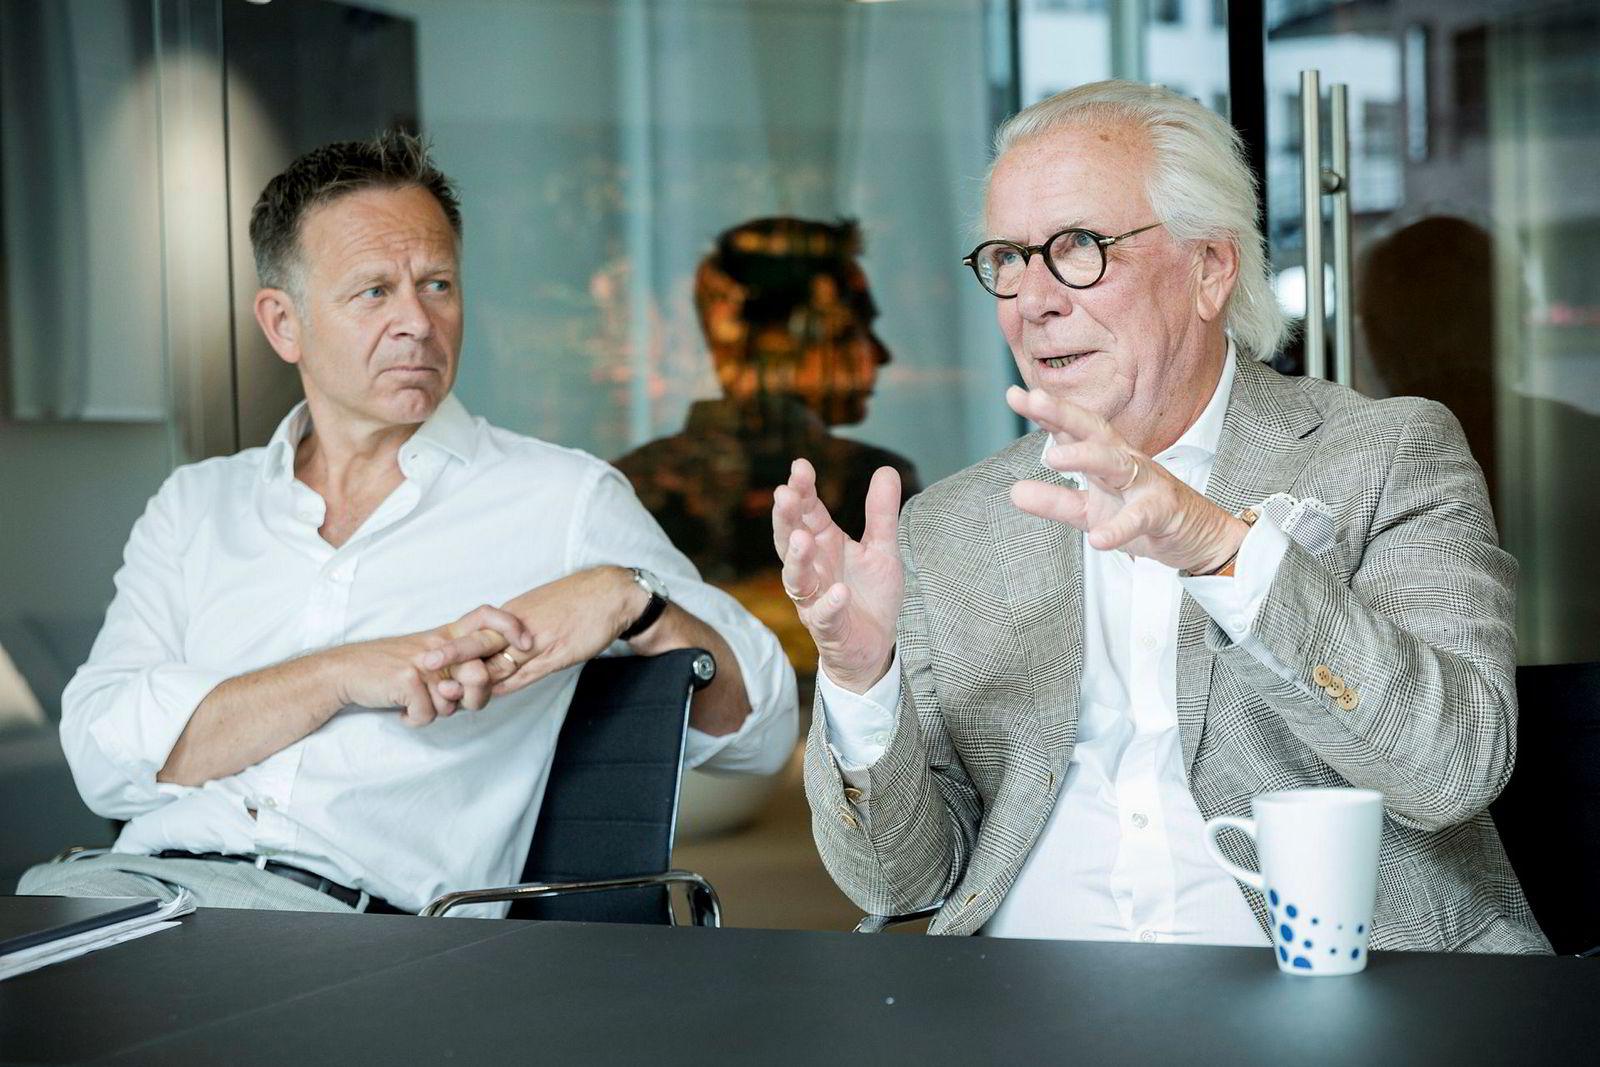 Digitaliseringen av markedet er én av grunnene til at daglig leder i Holta Invest, Dag Teigland (t.v.) ønsker å investere i flere klesmerker for så å slå de sammen under ett selskap. Til høyre: Jan Alsén, grunnlegger av Morris Stockholm.